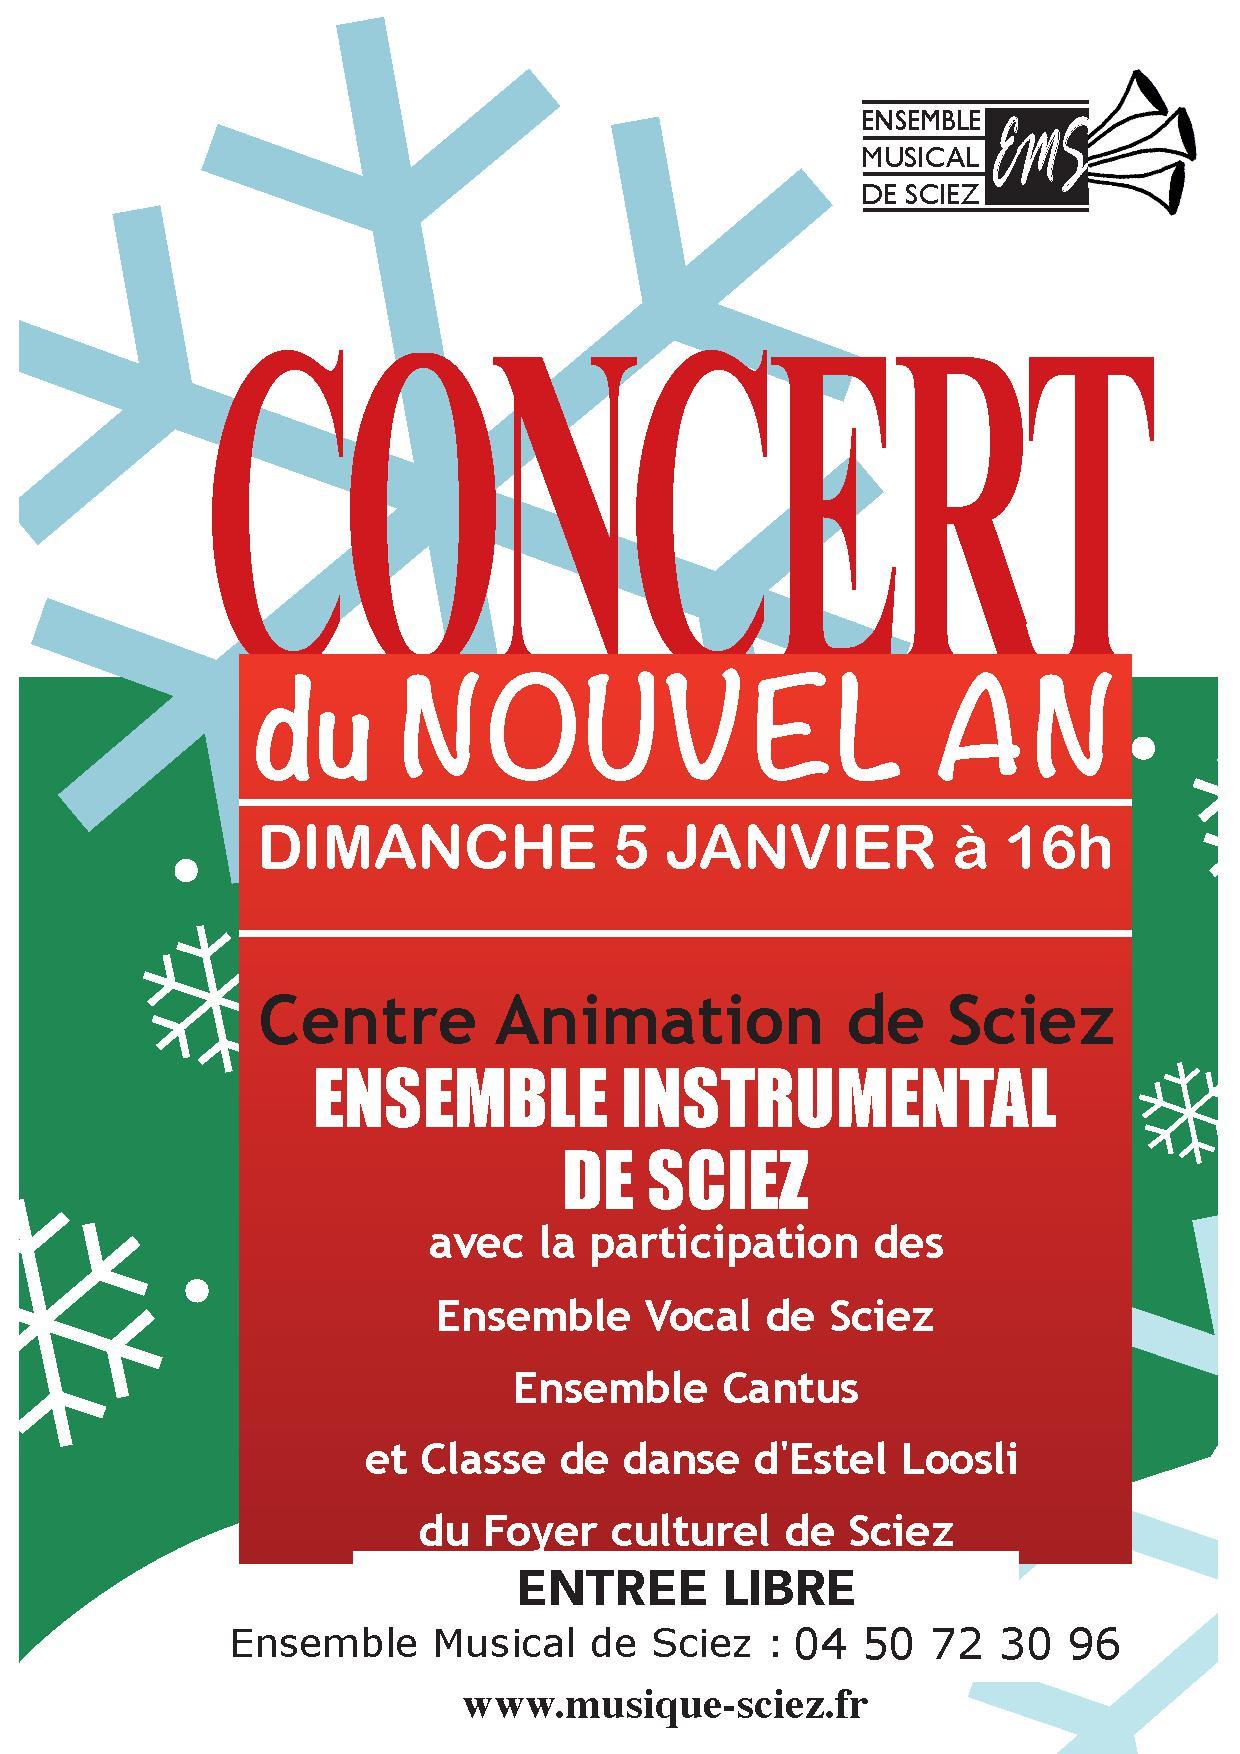 Concert du Nouvel An dimanche 5 janvier